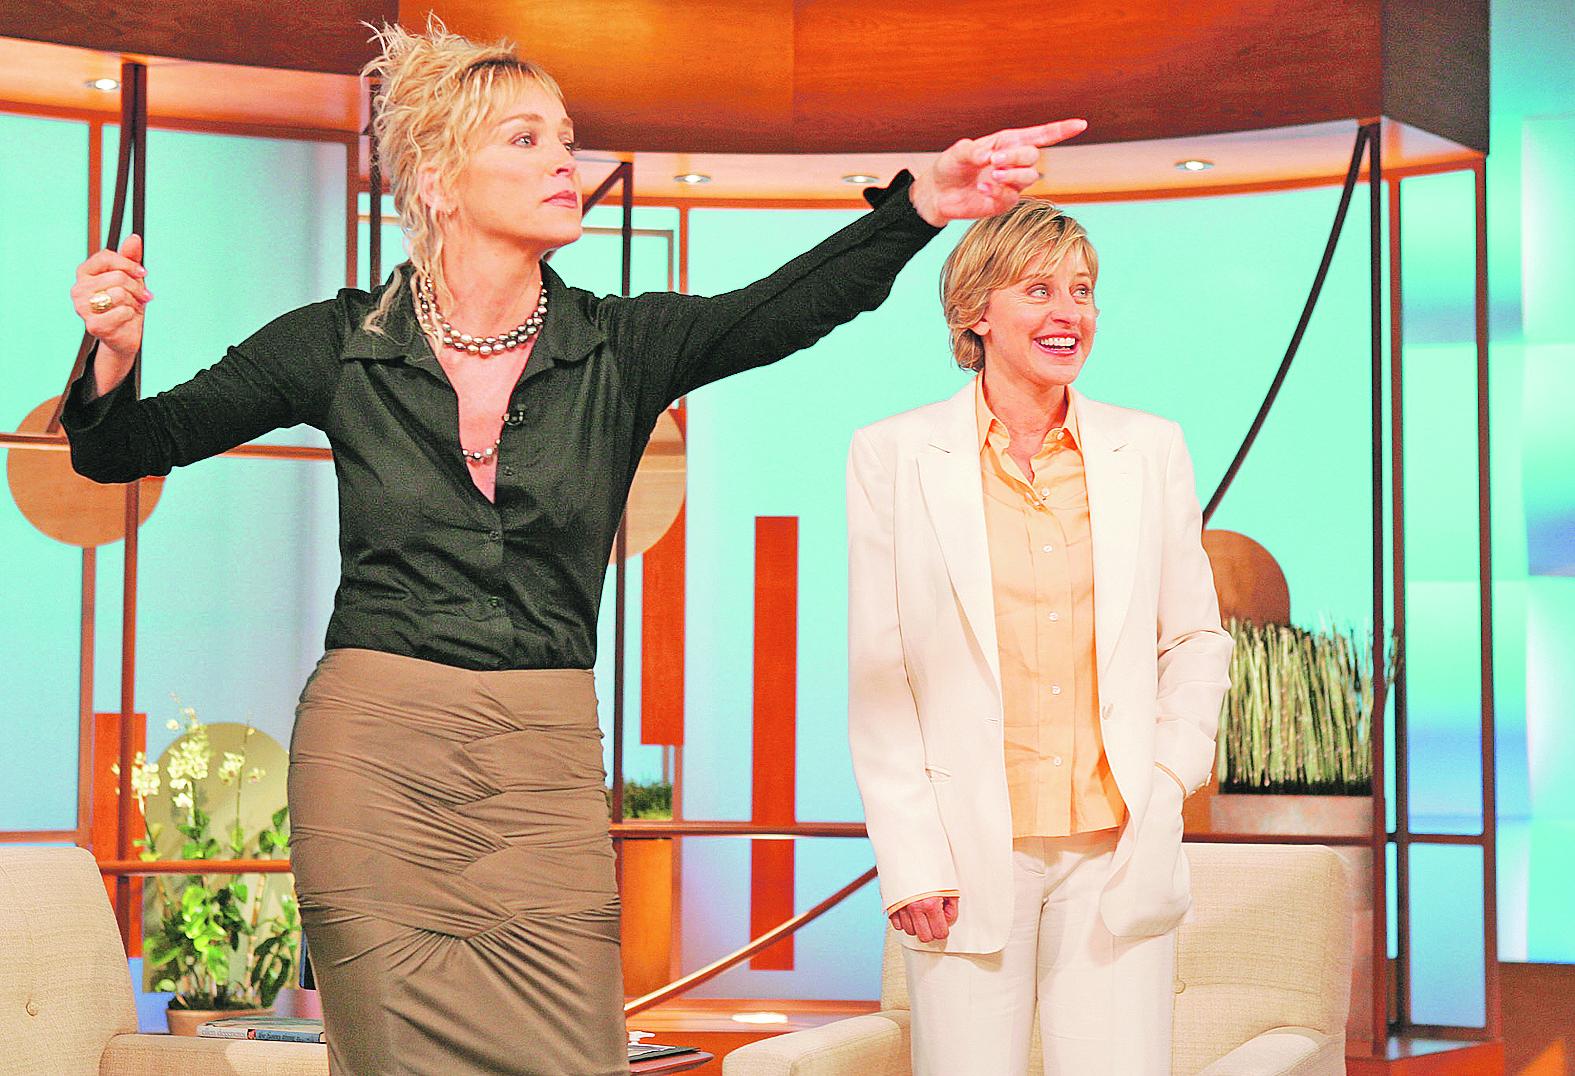 A ma is dekoratív szőke színésznő 2015 szeptemberében a Harper's Bazaar magazinban újra levetkőzött és megmutatta még mindig tökéletes alakját. Stone rendszeresen adja nevét jótékonysági eseményekhez, támogatja az AIDS-kutatást, a mellrák elleni küzdelmet